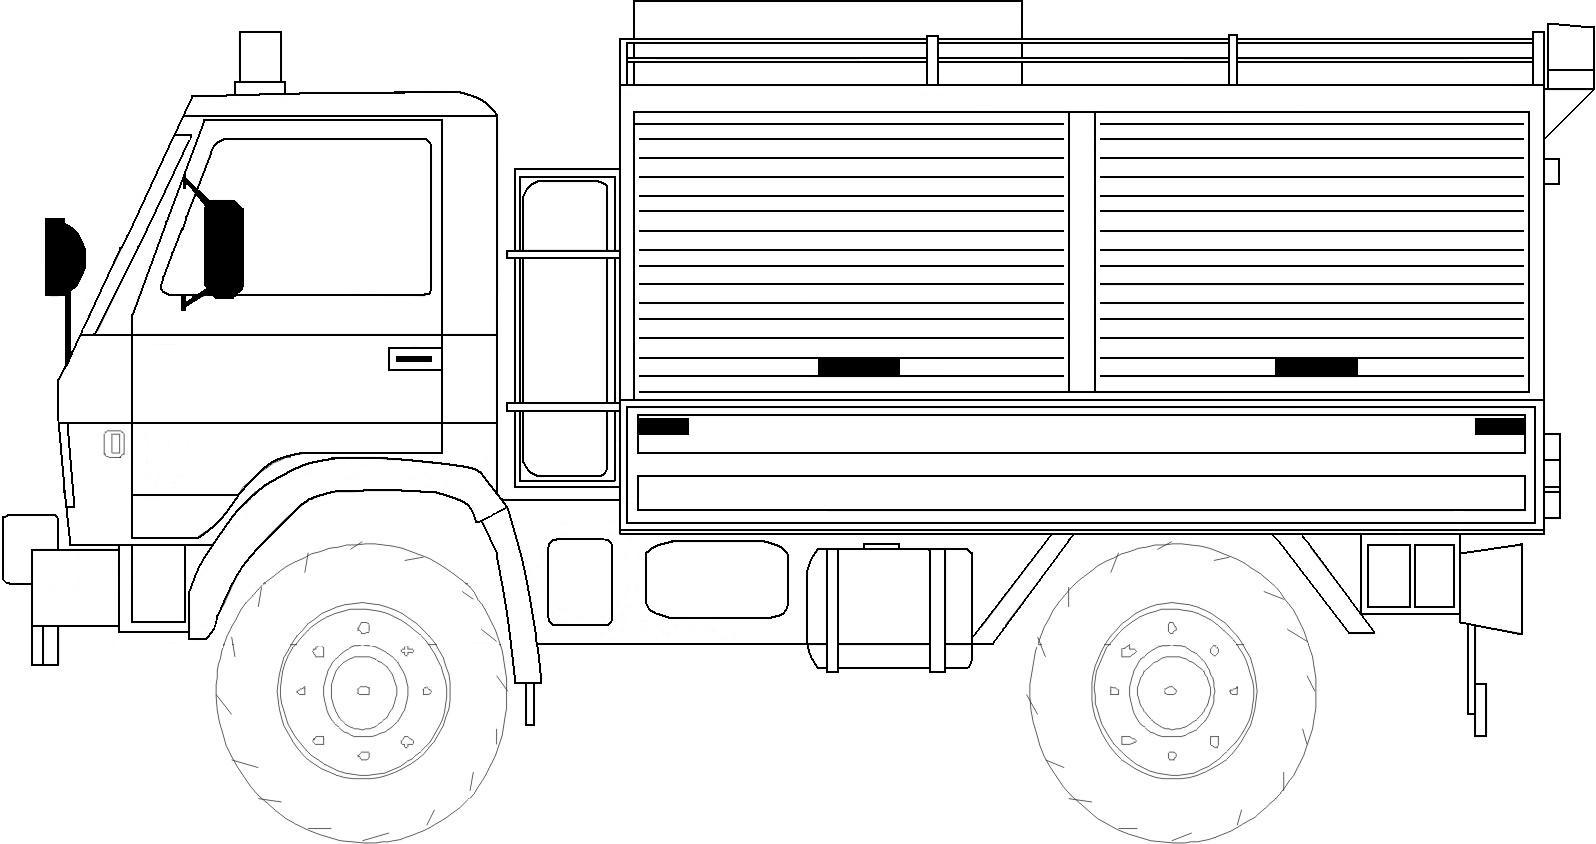 Ausmalbilder Feuerwehr Auto : Ausmalbilder Feuerwehr Drehleiter Neues Wohndesign